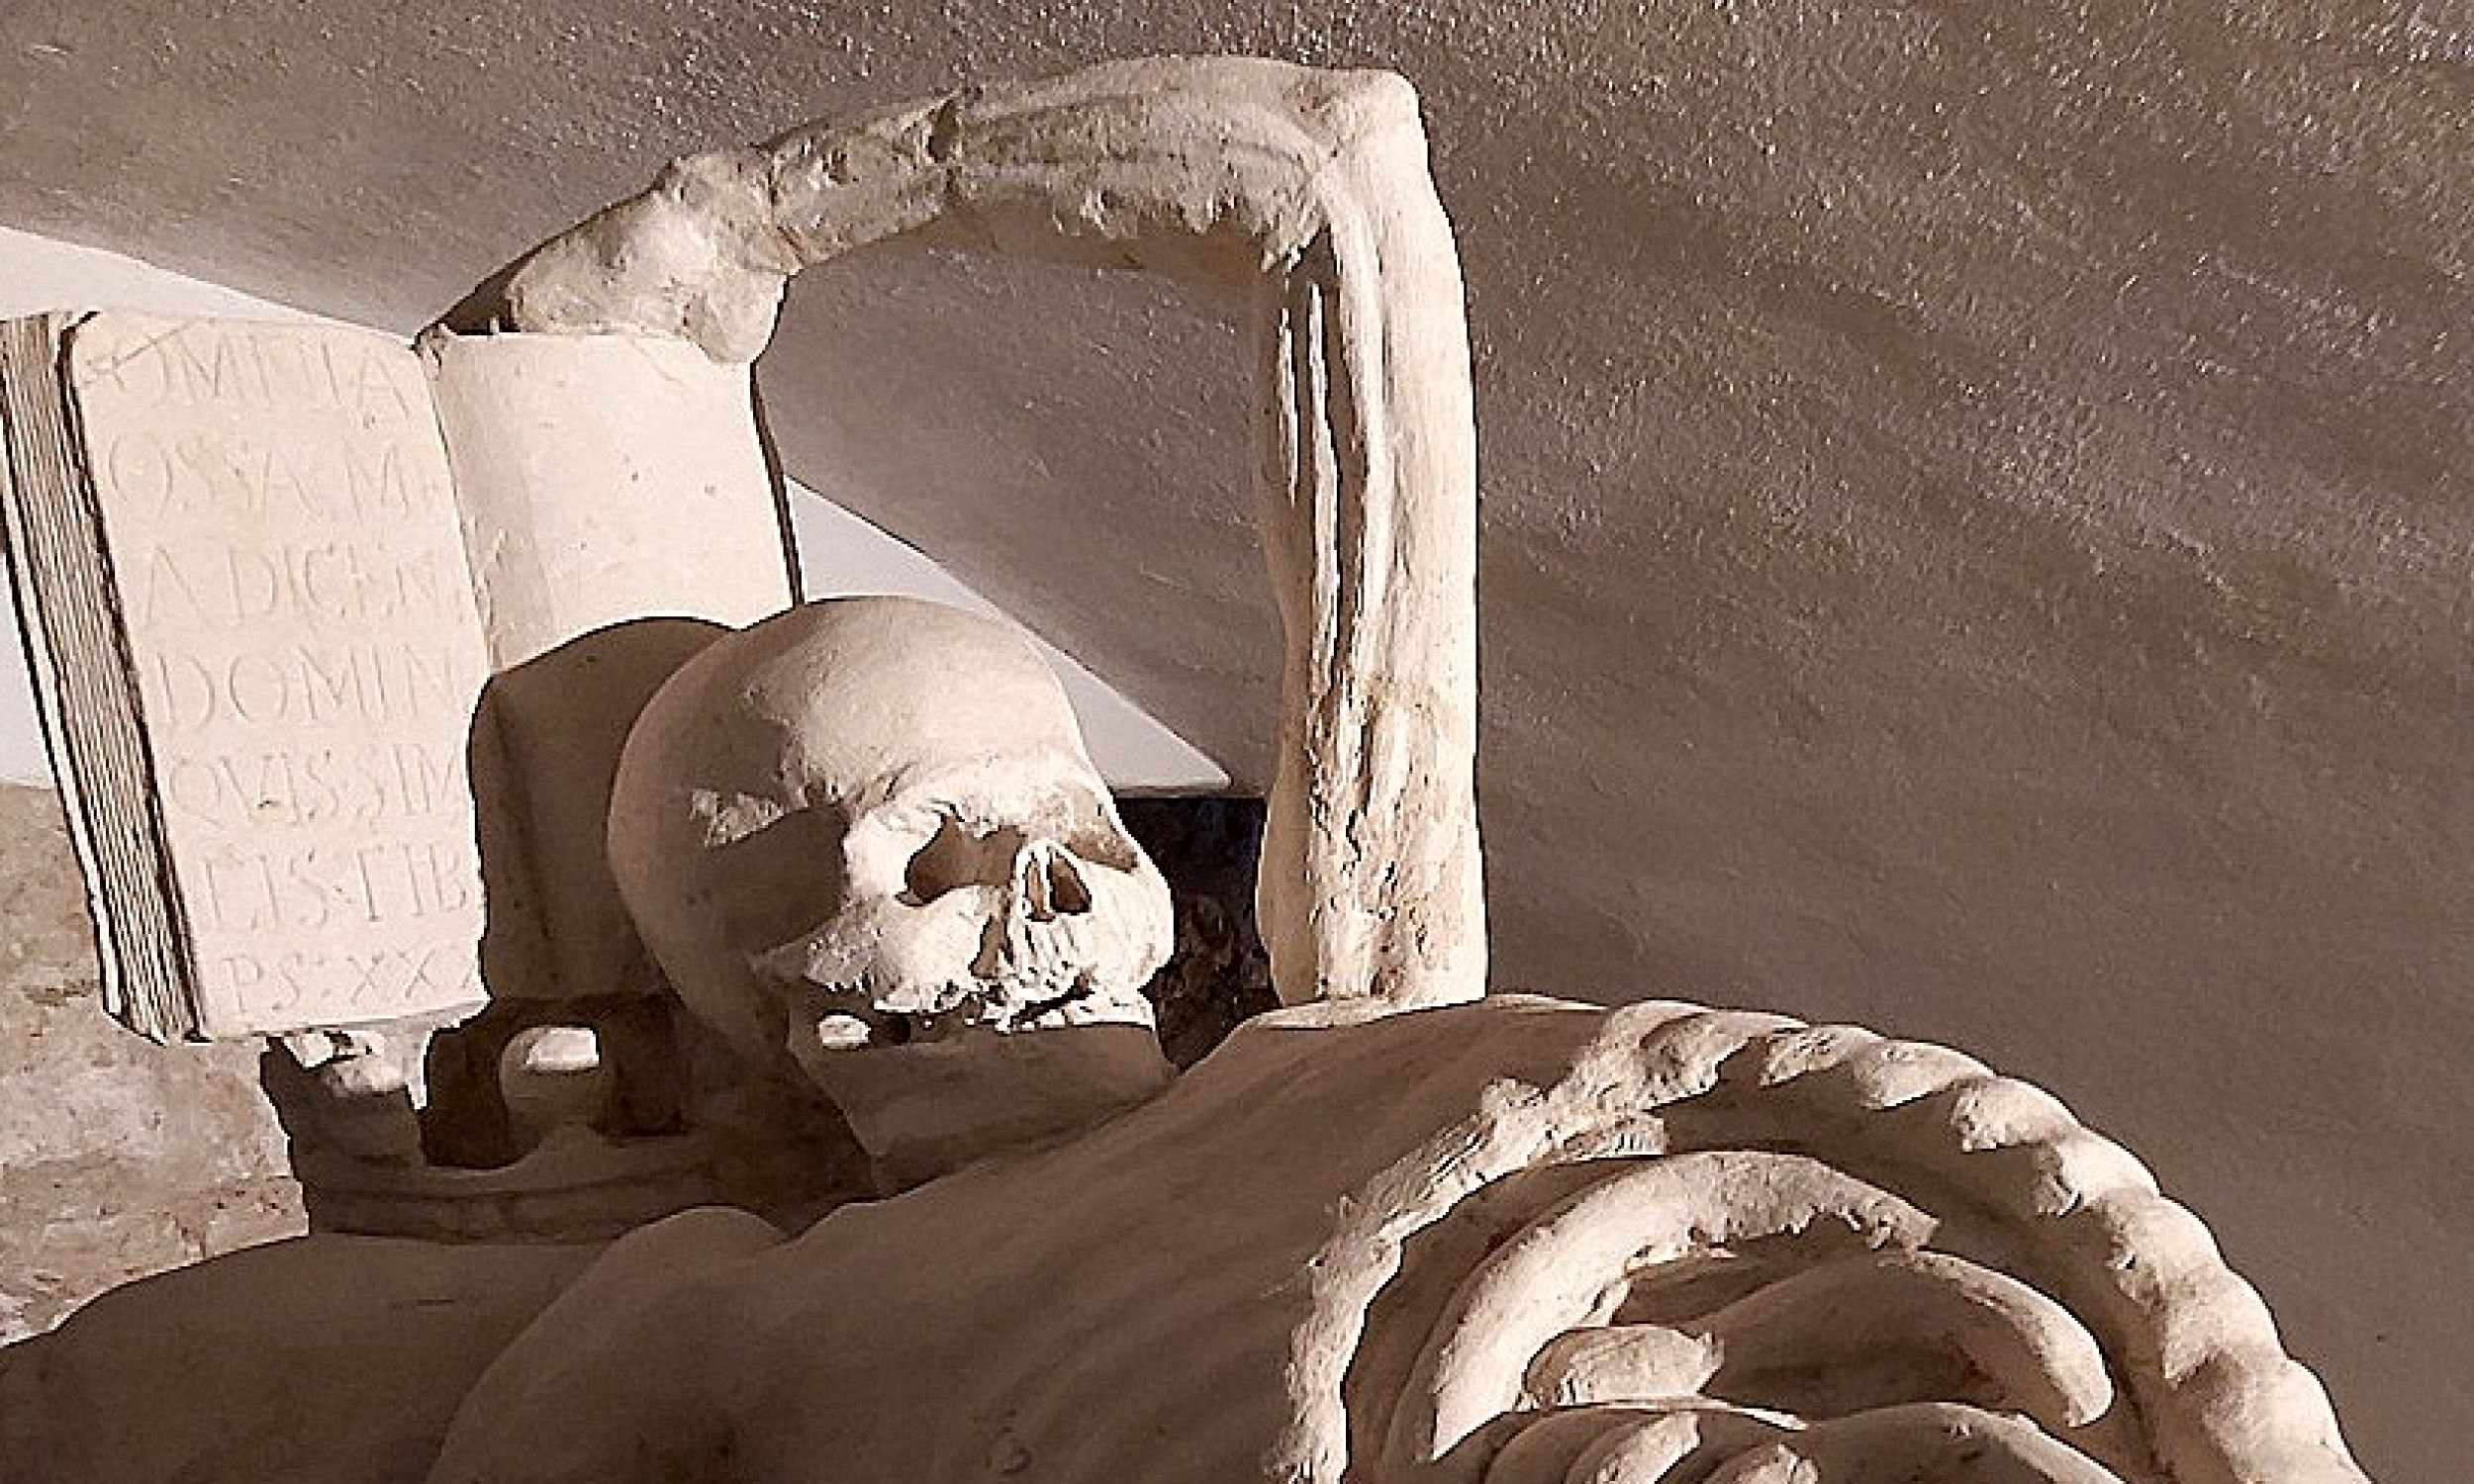 Końskowola, unikatowe w skali Polski mauzoleum małżeństwa Opalińskich w formie Vanitas, w wyremontowanych kryptach kościoła farnego. Ku pamięci zmarłych małżonków oraz marności ludzkiego życia. Klepsydra symbolizuje przemijanie. Obecnie istnieje możliwość zwiedzania tych krypt i oglądania końskowolskiego Vanitas. Fot. T. Kozłowski